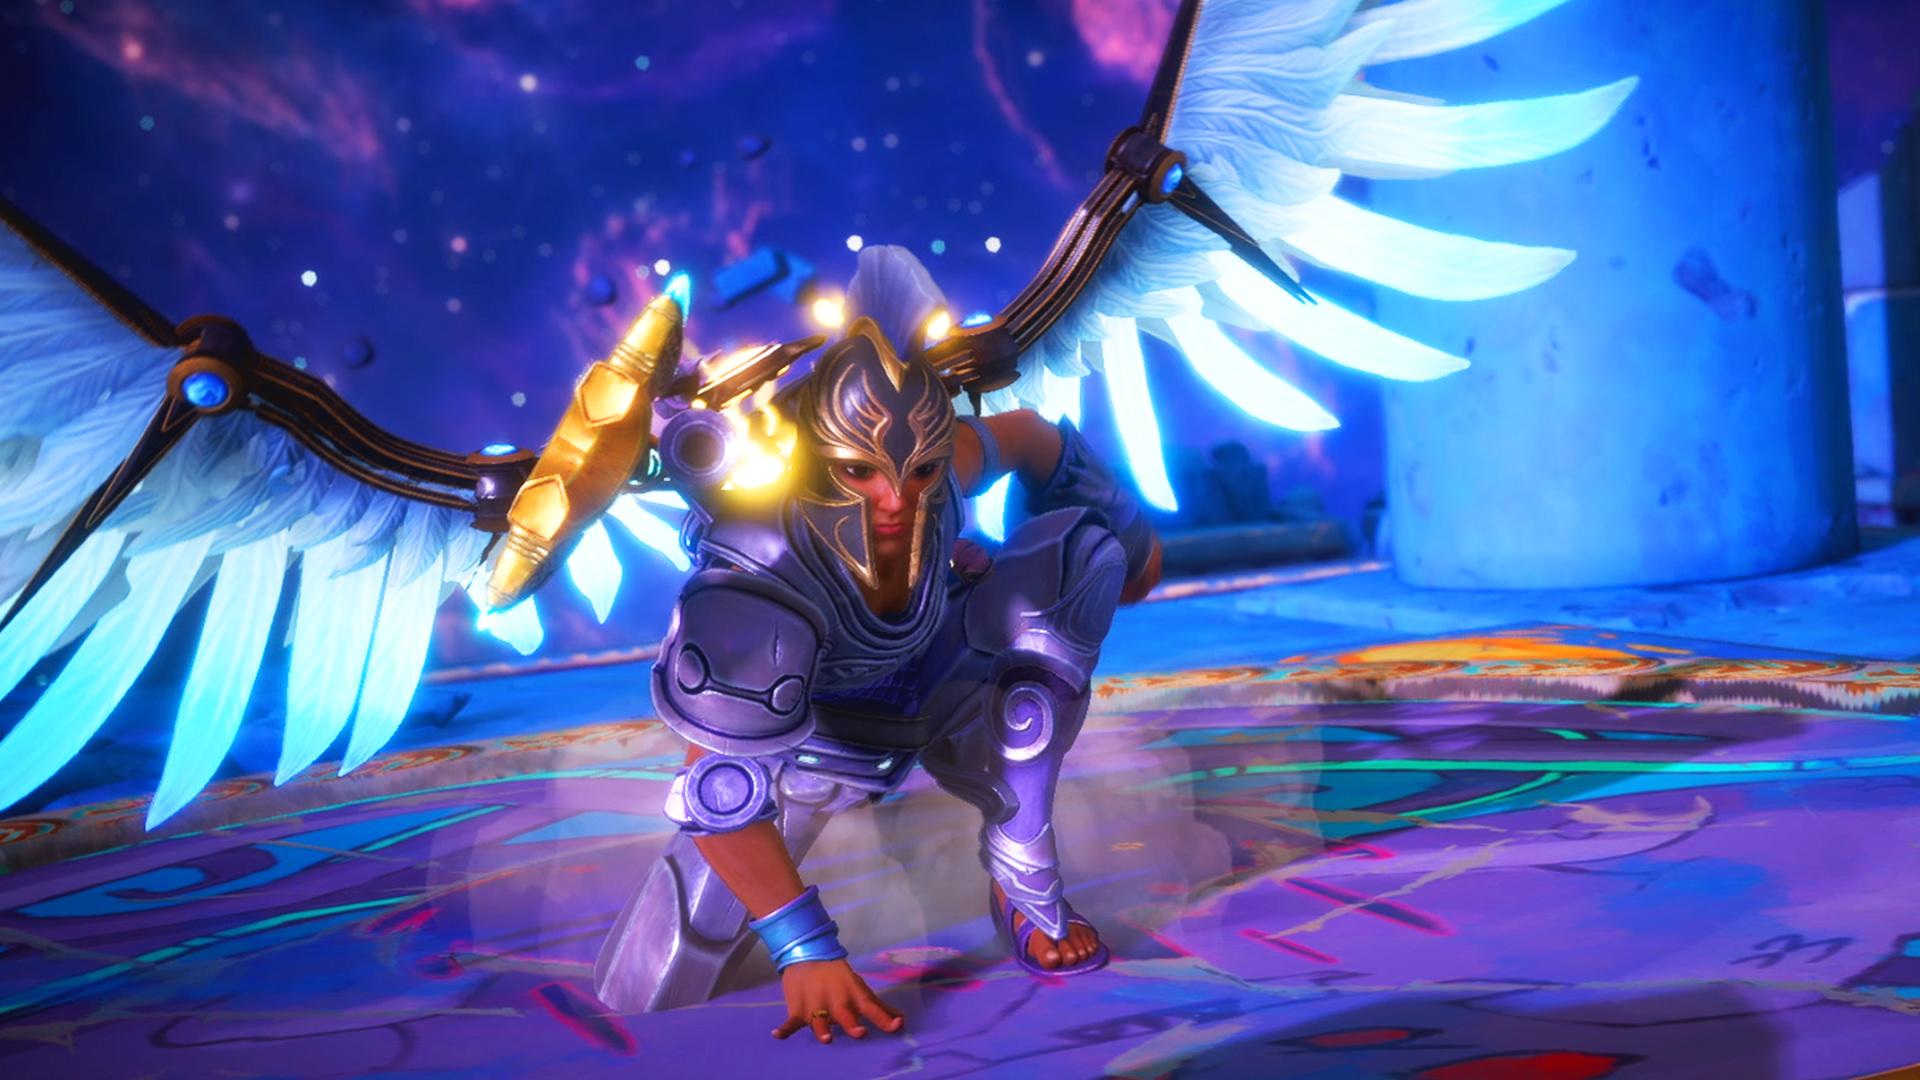 immortals fenyx rising video game wallpaper 72438